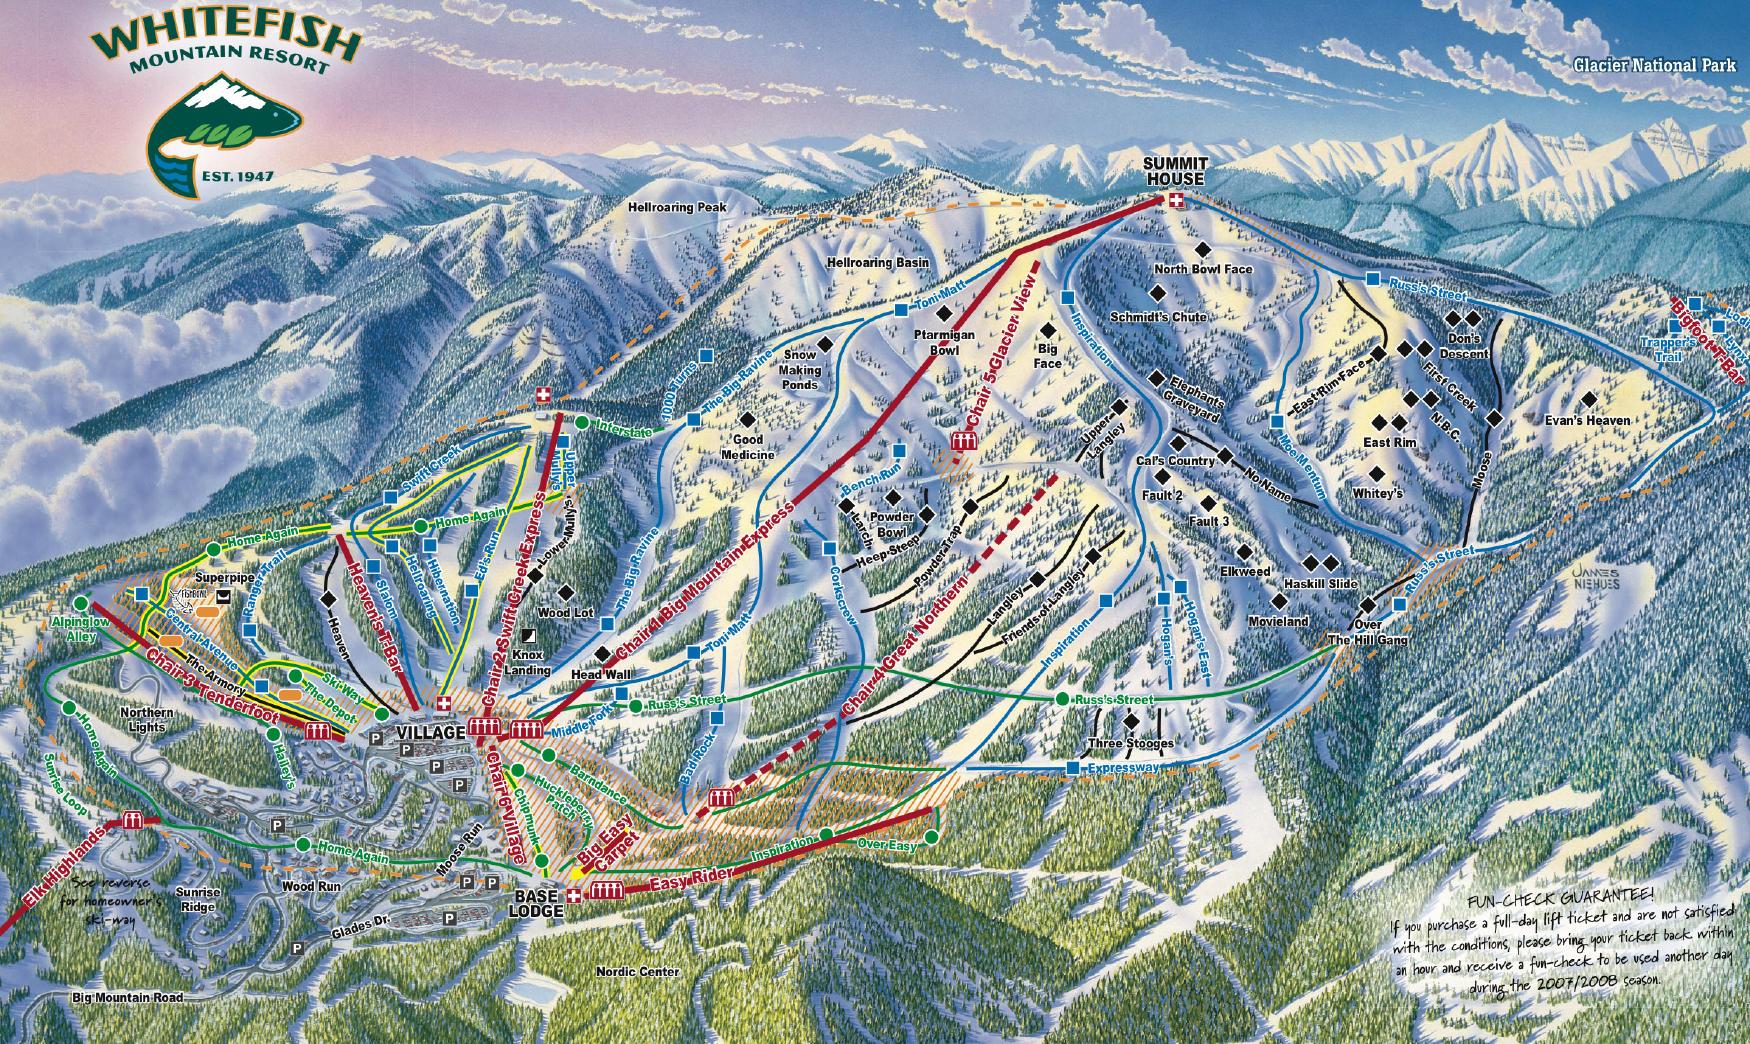 whitefish mountain resort piste map / trail map